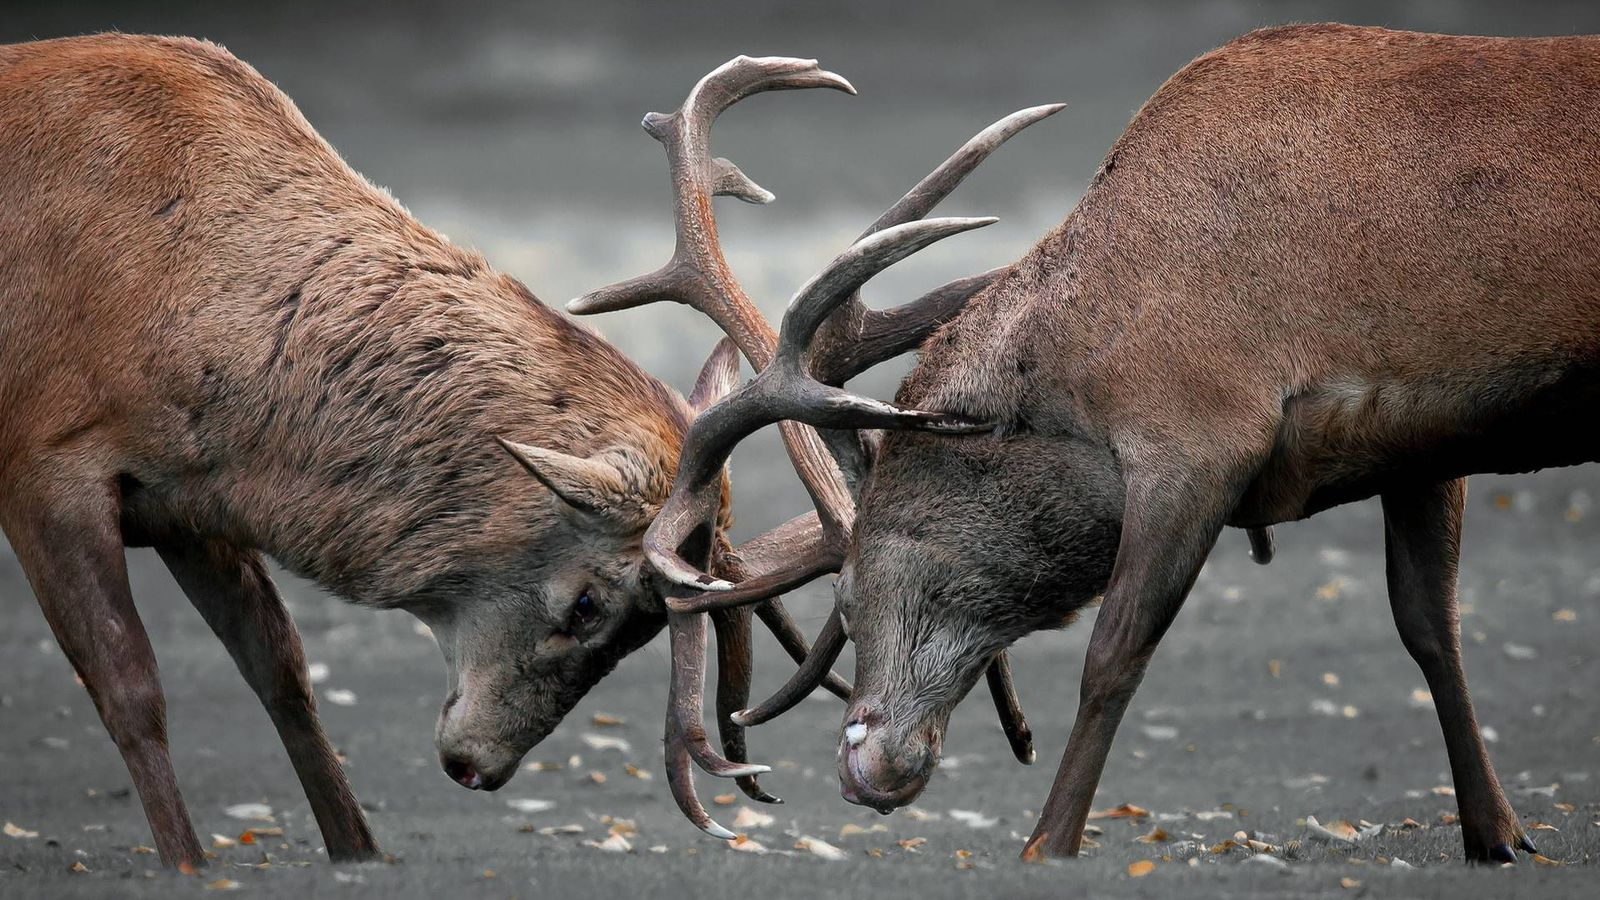 Animales Lucha O Muere El Lado Más Salvaje De La Naturaleza